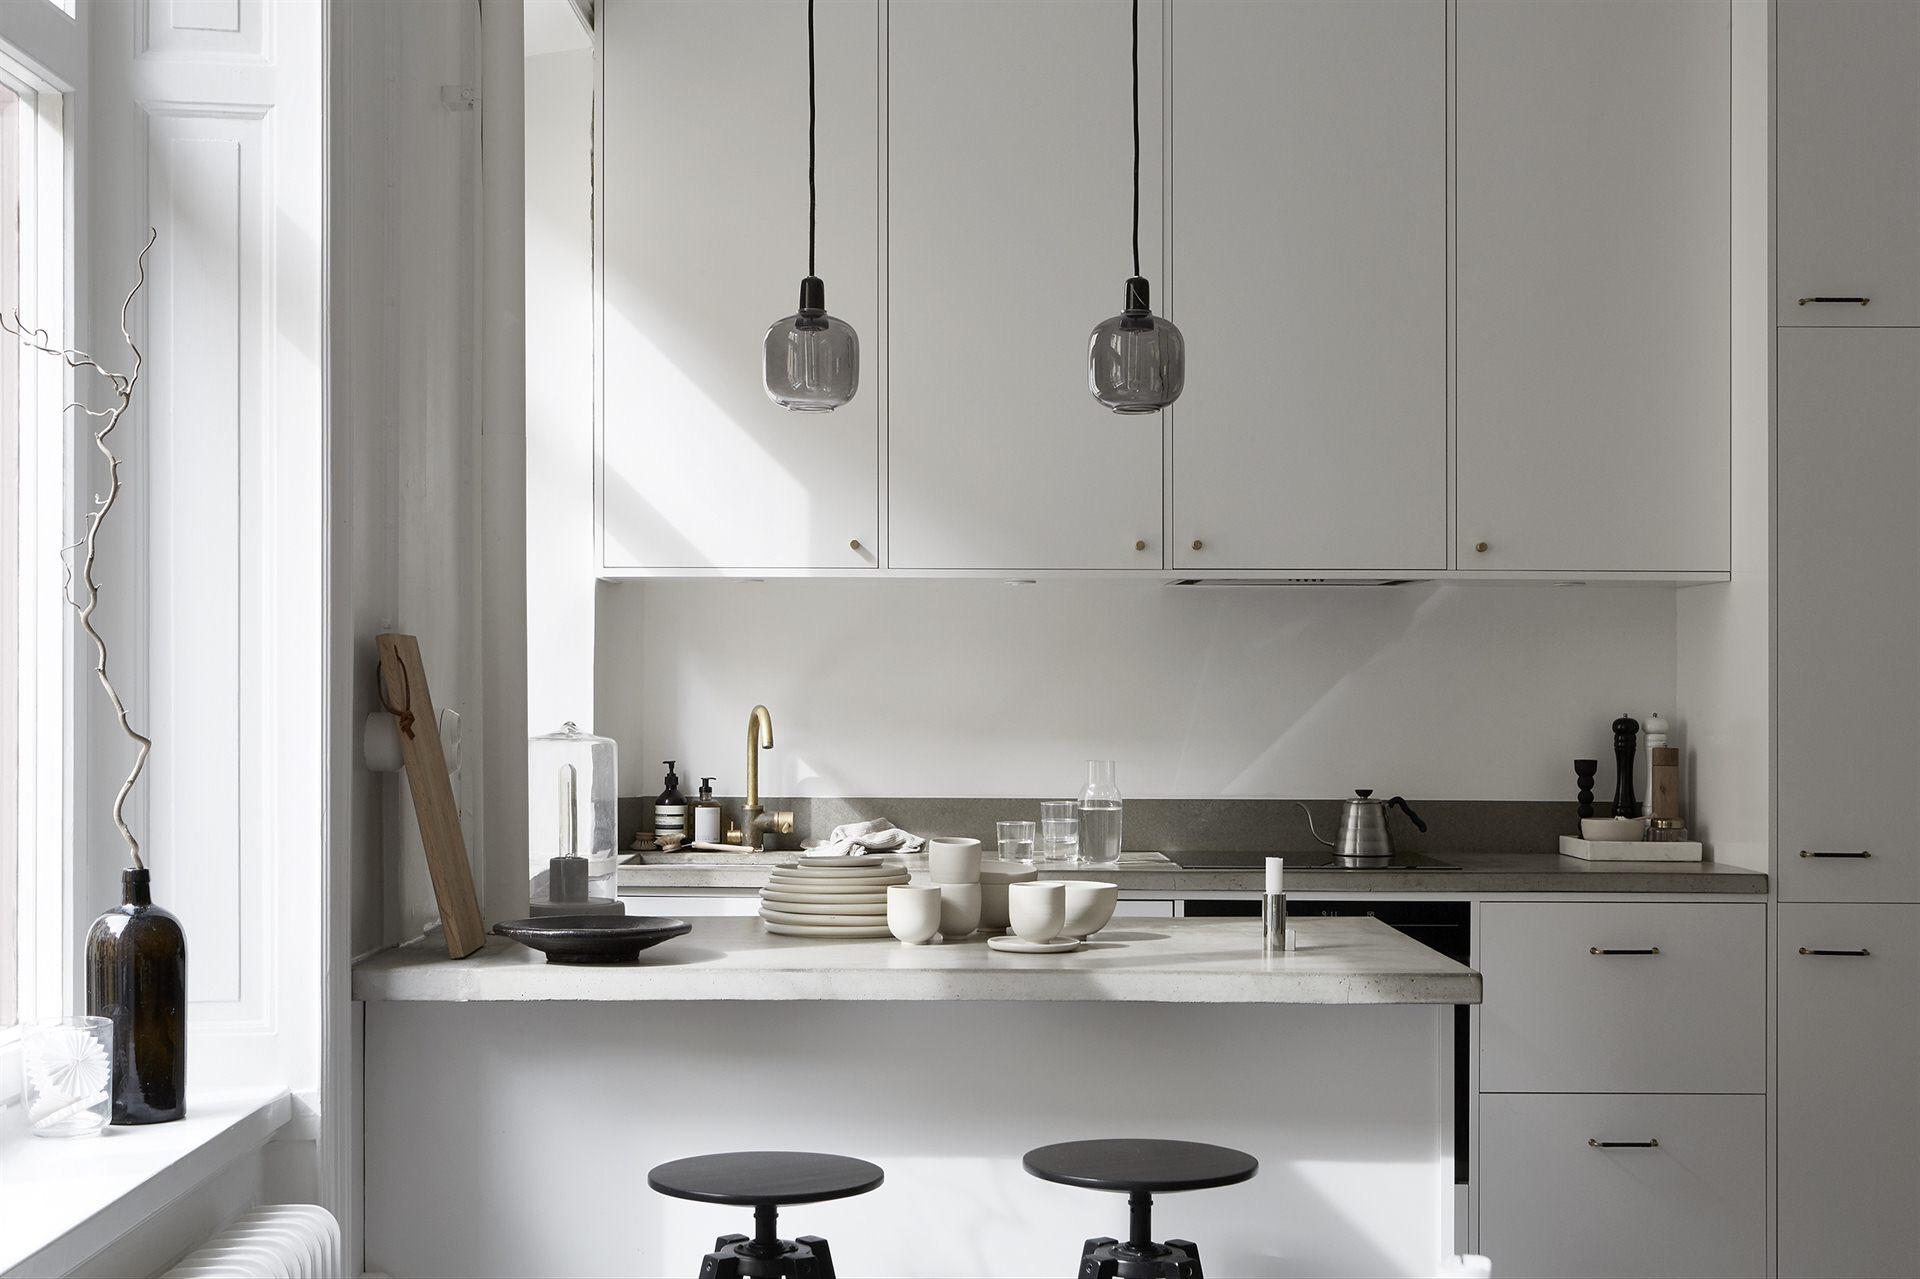 кухонная мебель белые фасады бетонная столешница остров барные стулья посуда